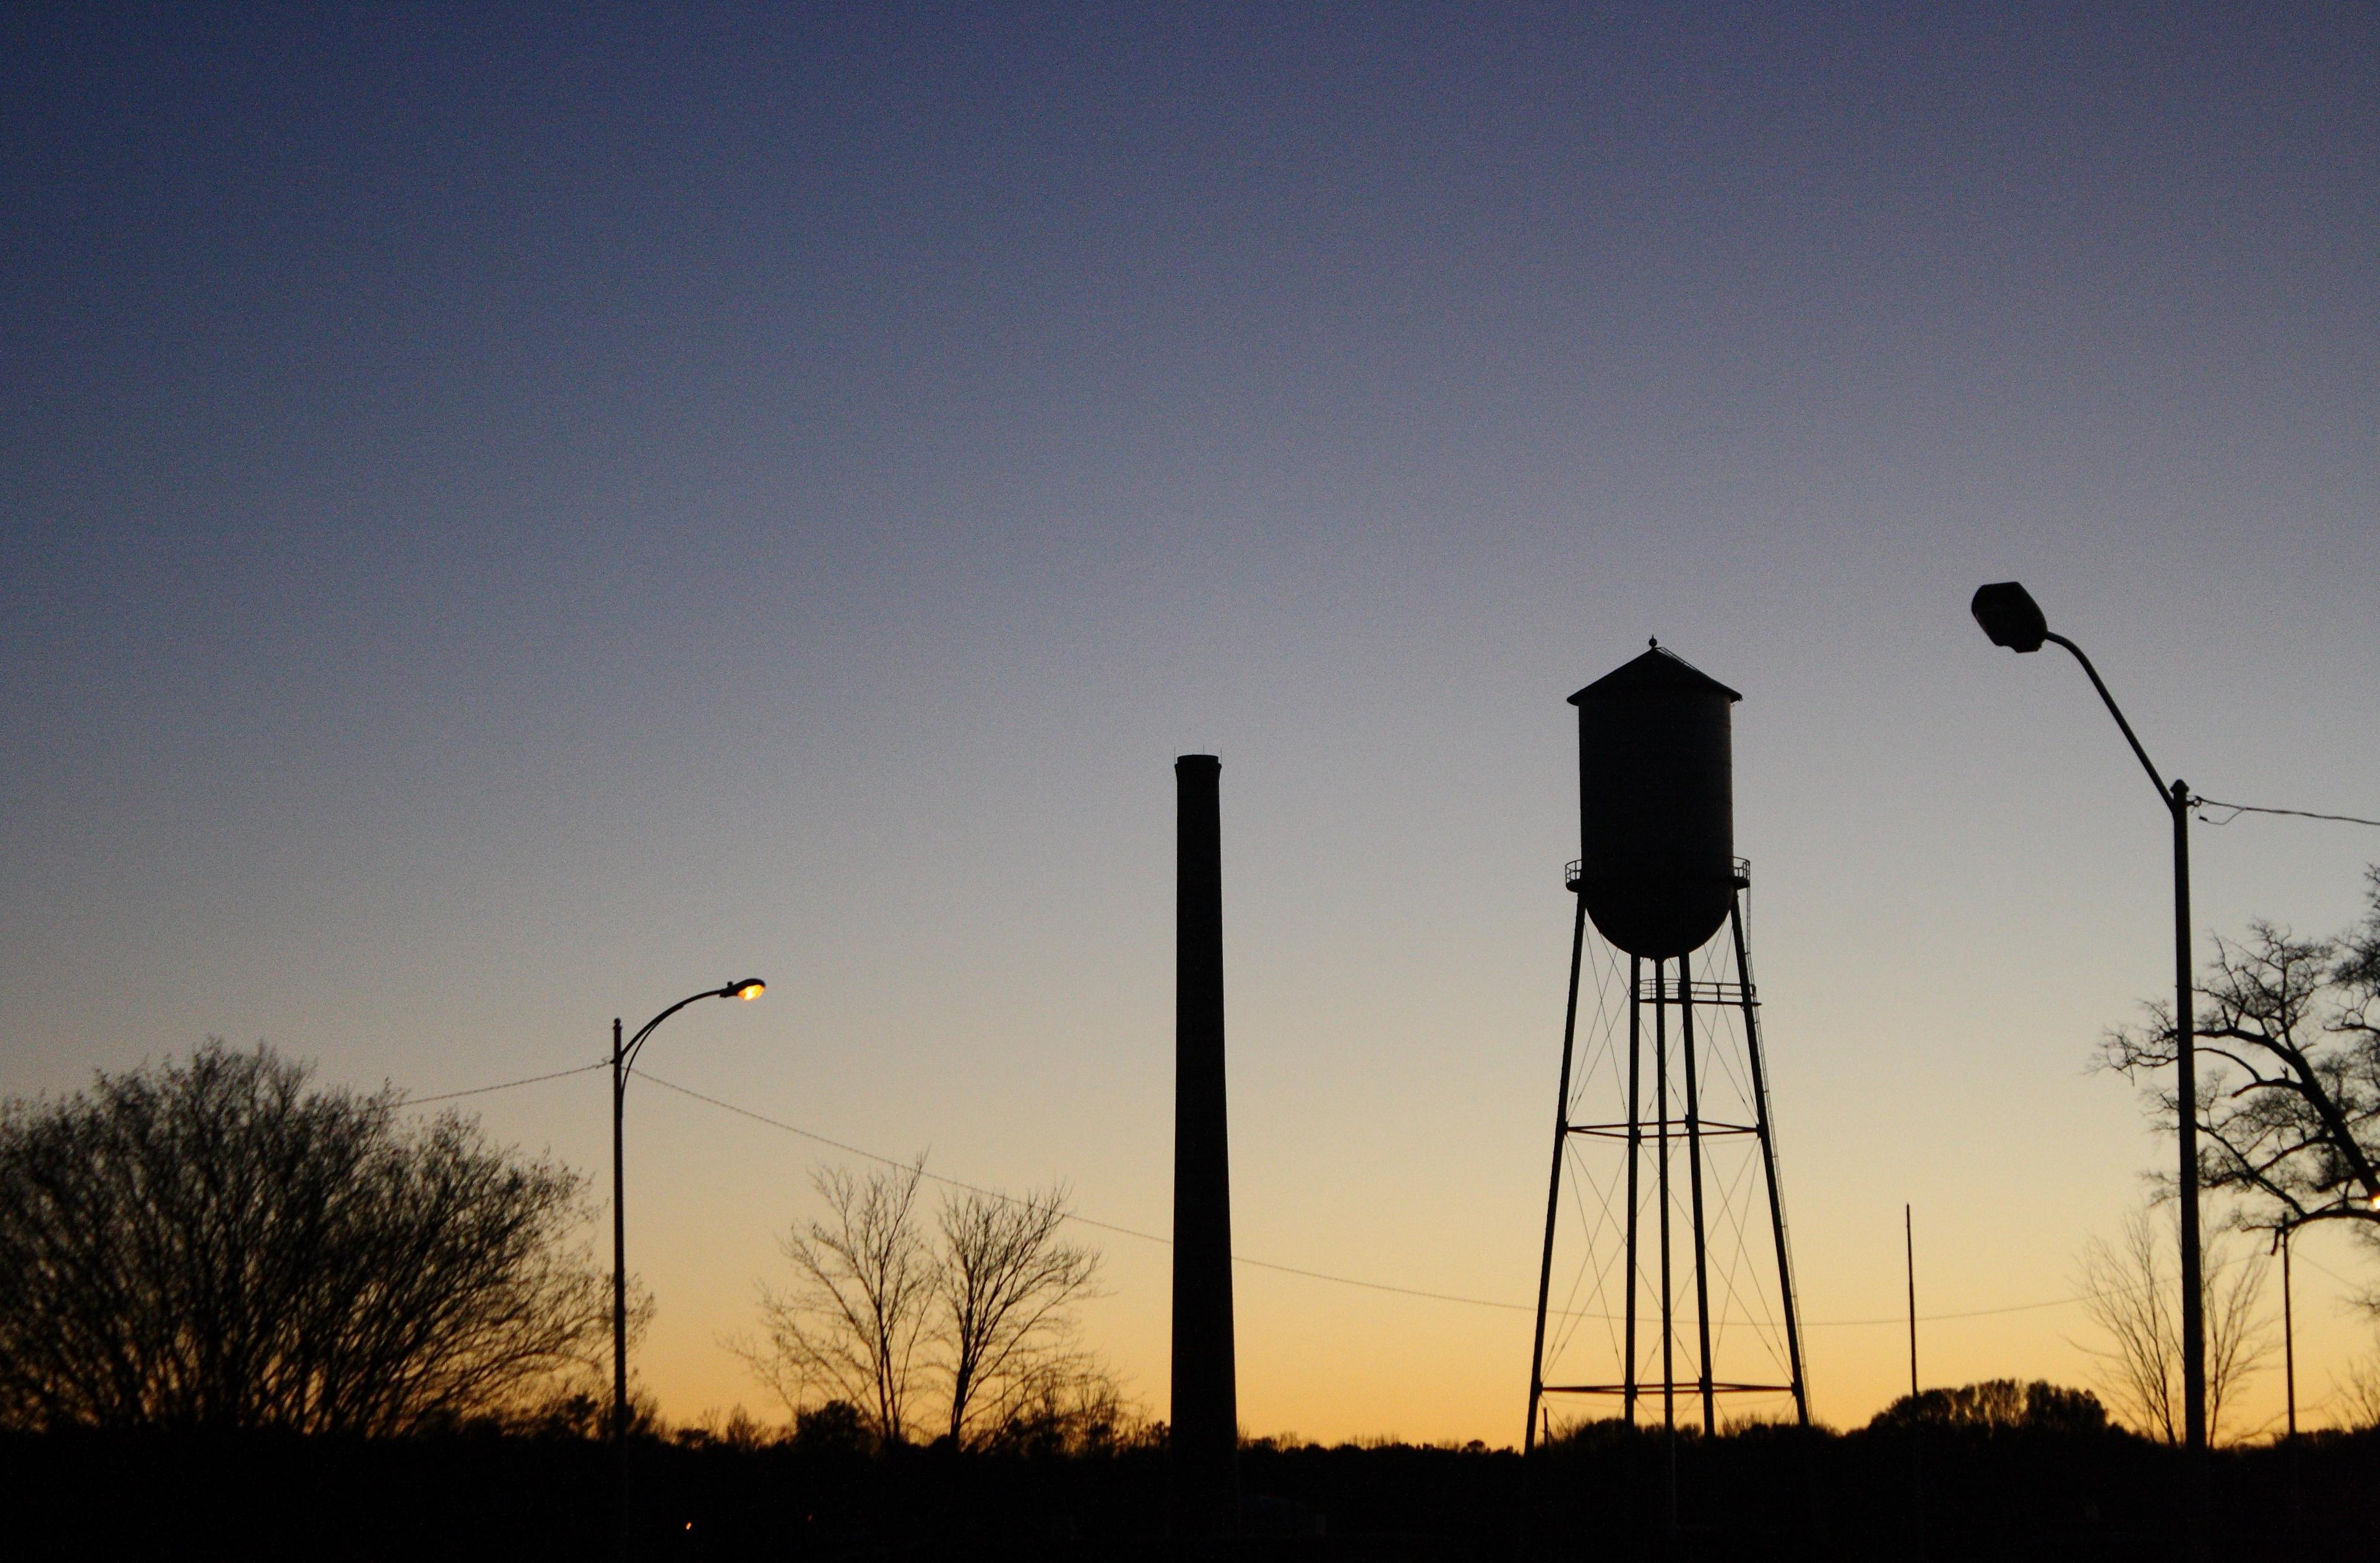 Sunset in Opelika